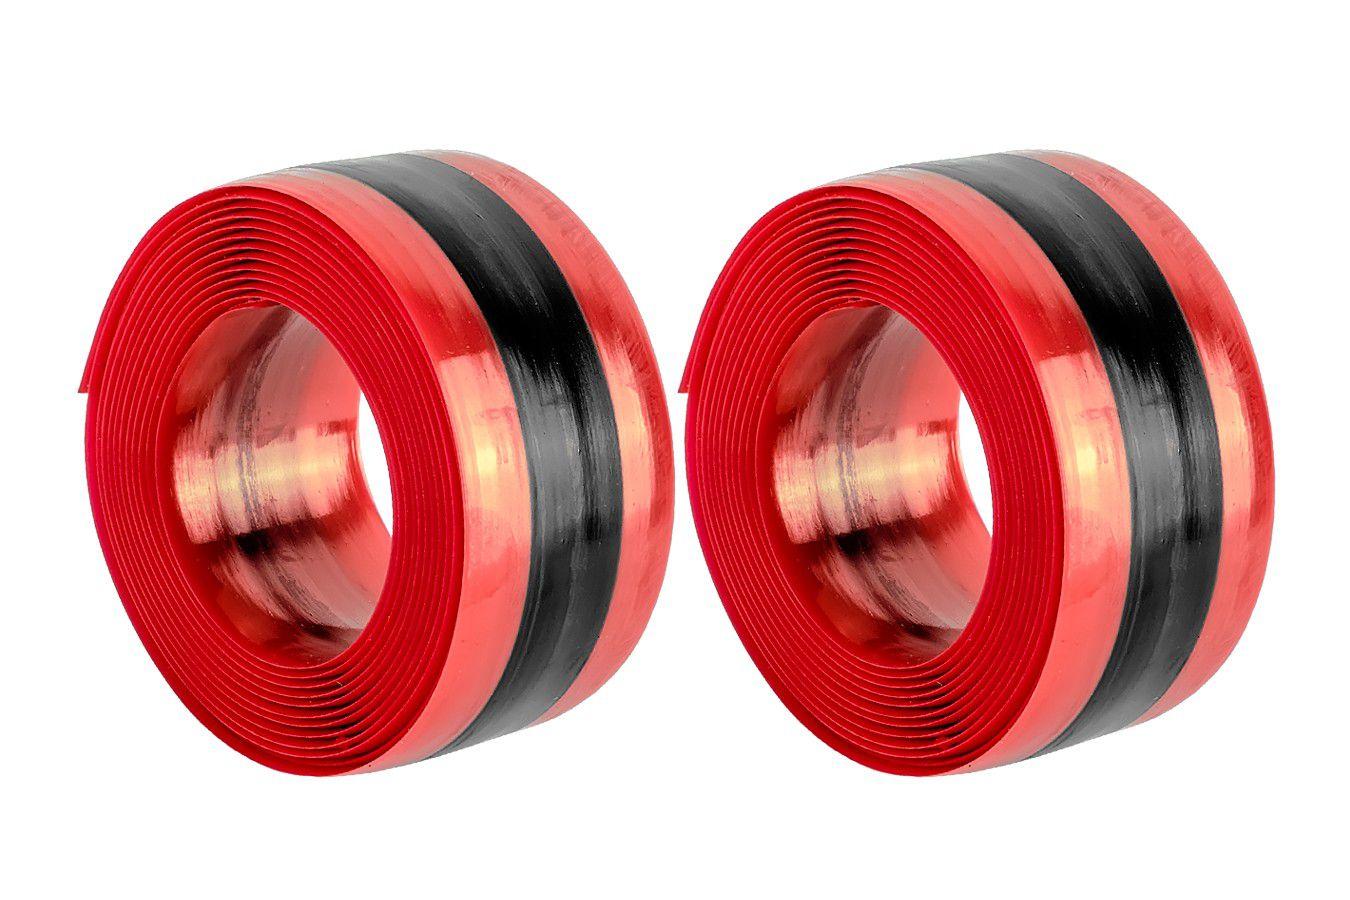 Fita Protetora Anti Furo Safetire 31mm - Aro 26